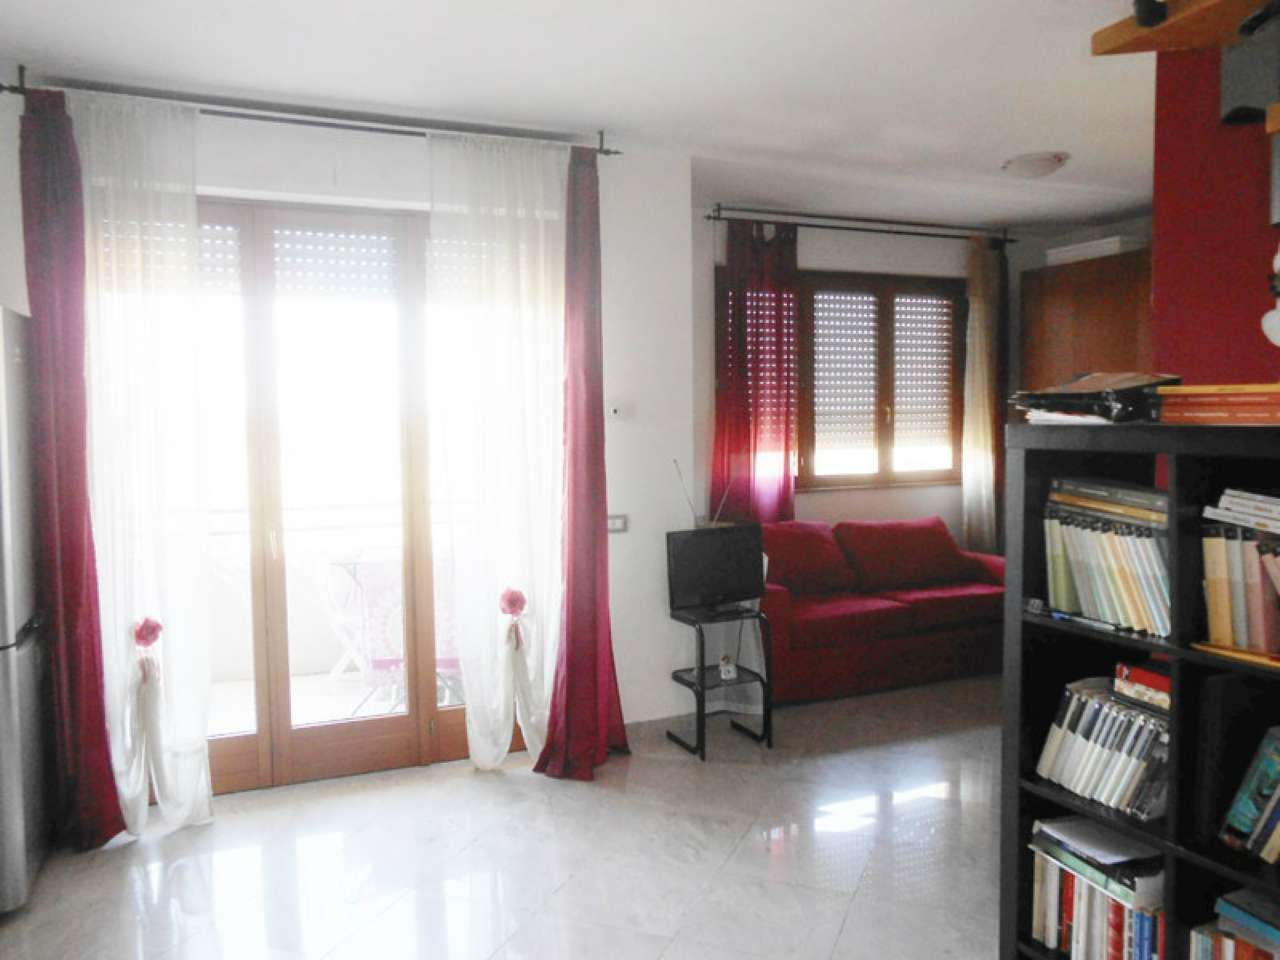 Appartamenti bilocali in affitto a roma for Appartamenti arredati in affitto roma